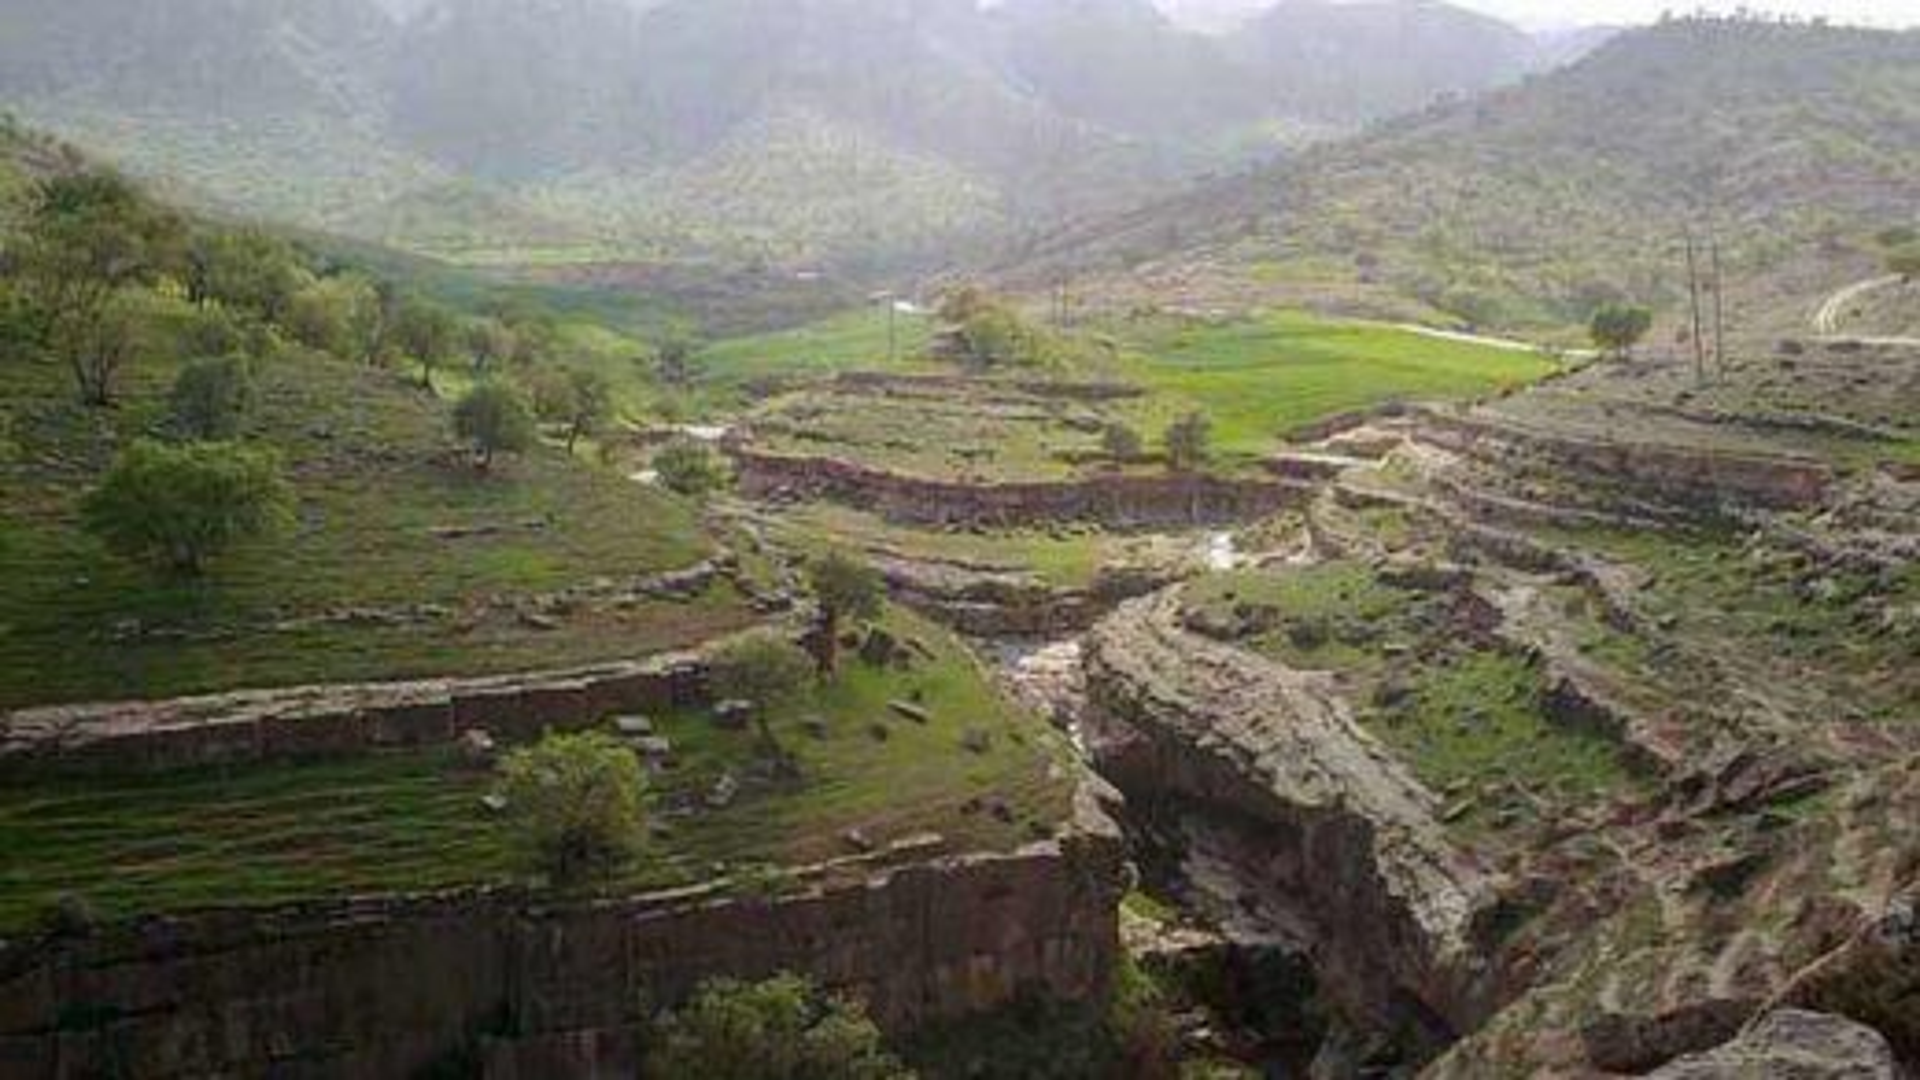 درهشهر و شهر تاریخی سیمره